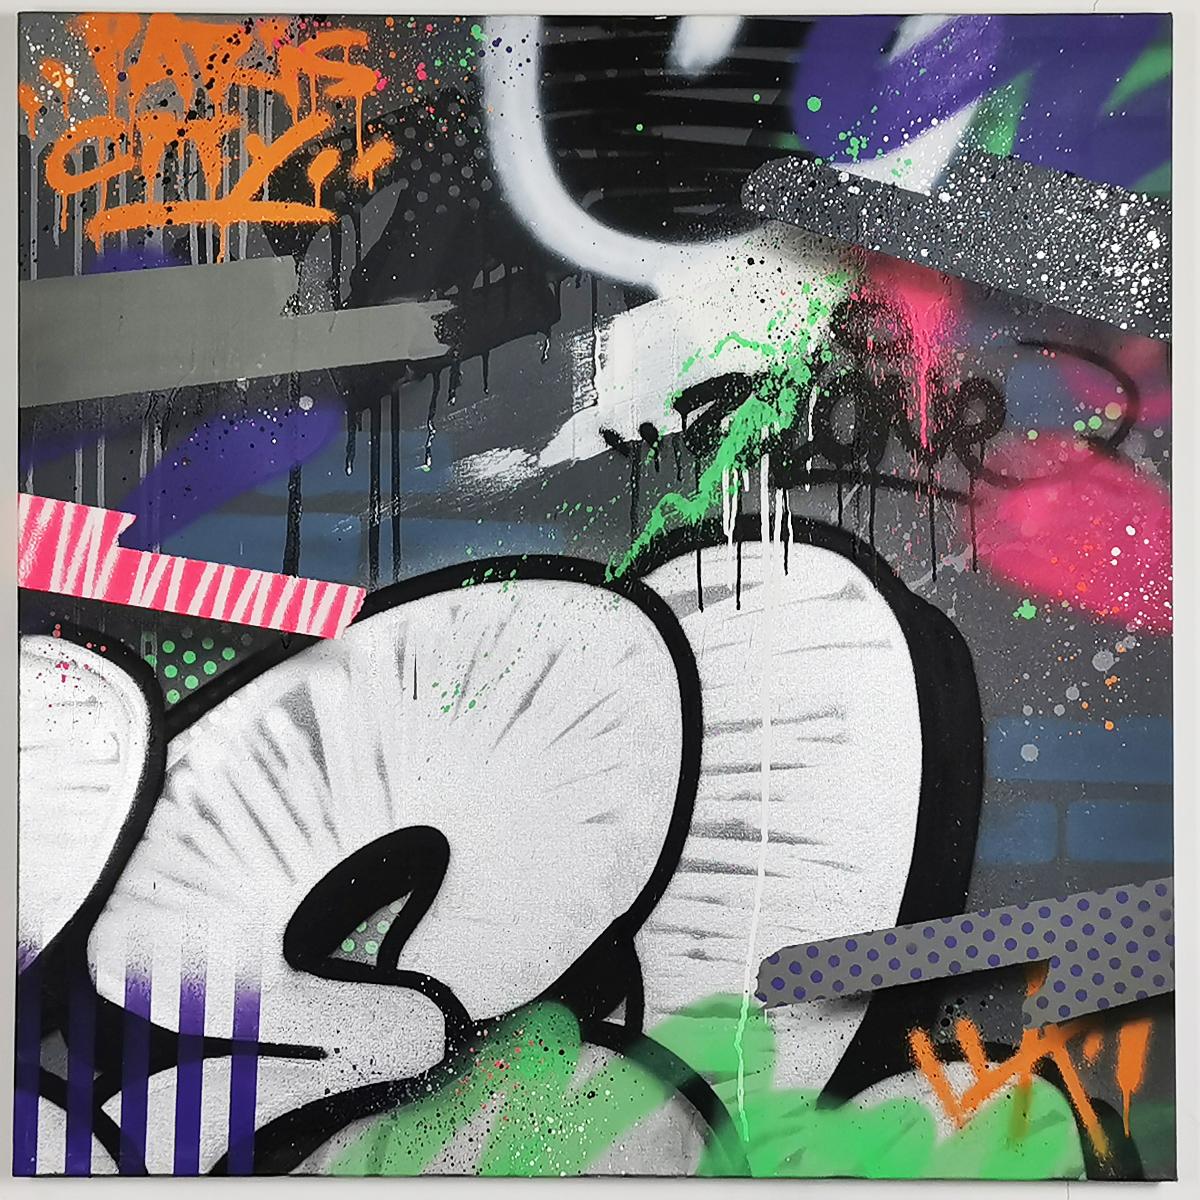 post-vandalism-8-zelone-golden-galerie